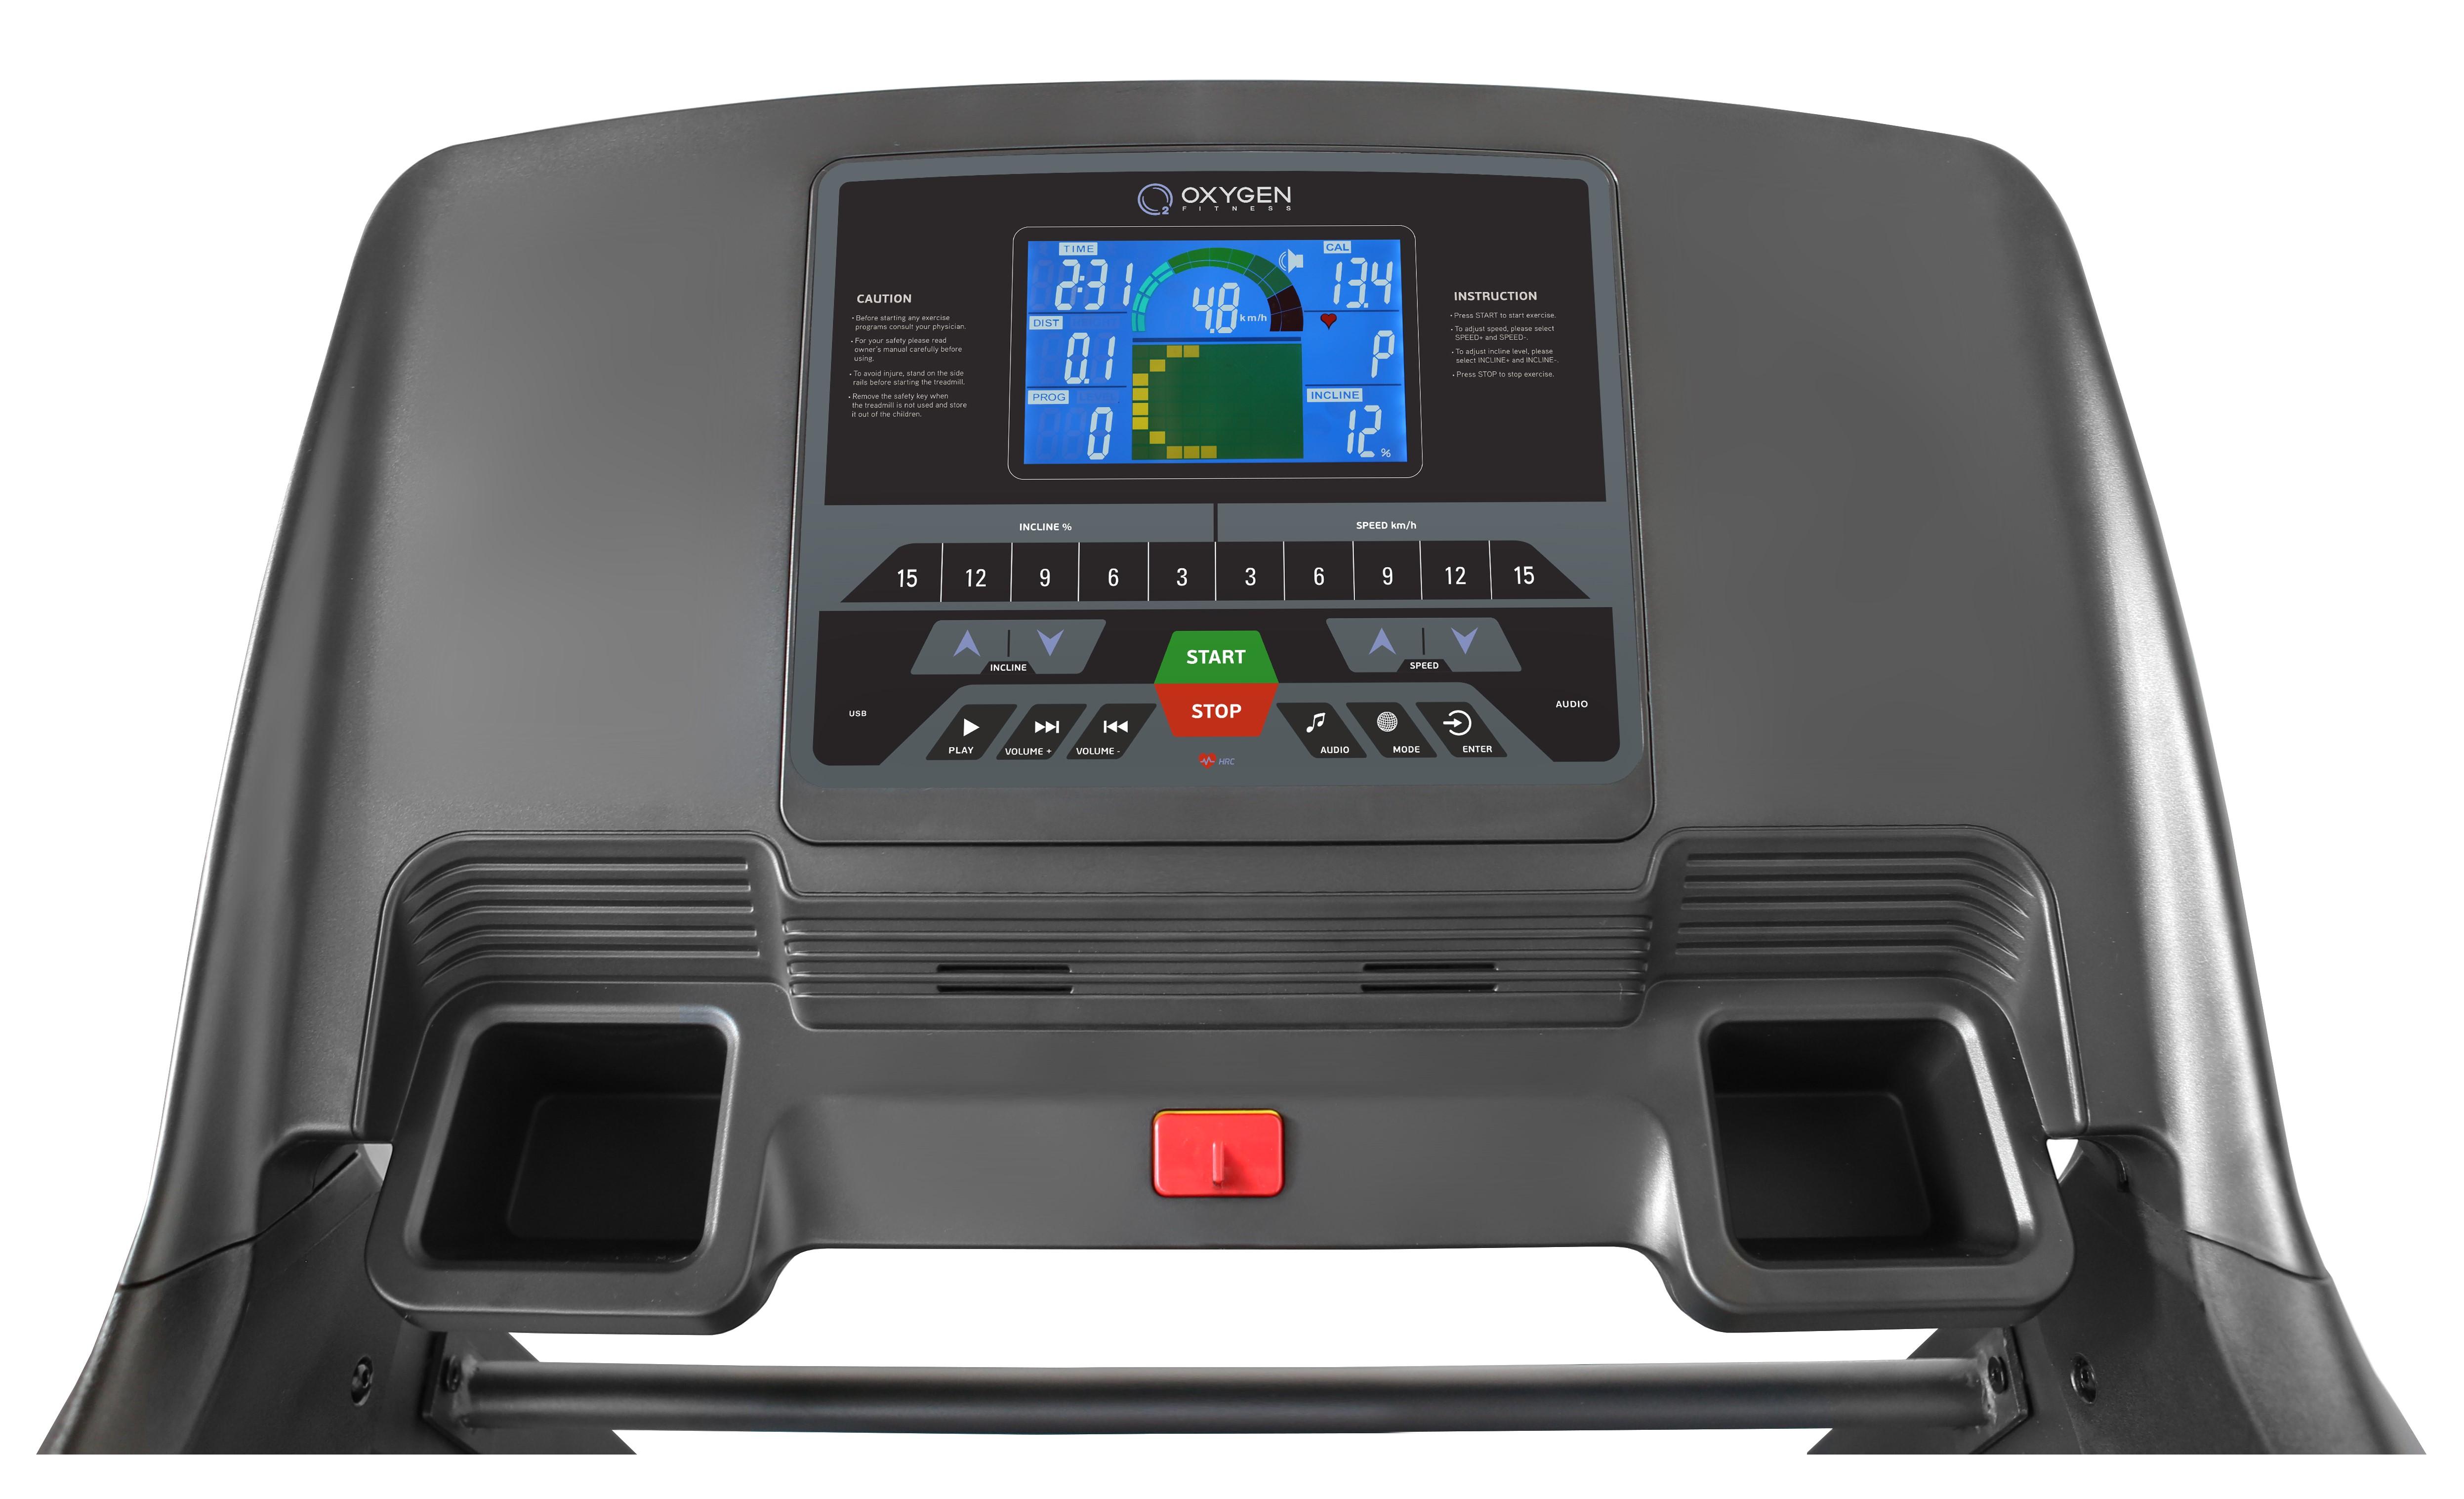 Беговая дорожка oxygen quanta hrc (черный) купить за 78990 руб в самаре, отзывы, видео обзоры и характеристики